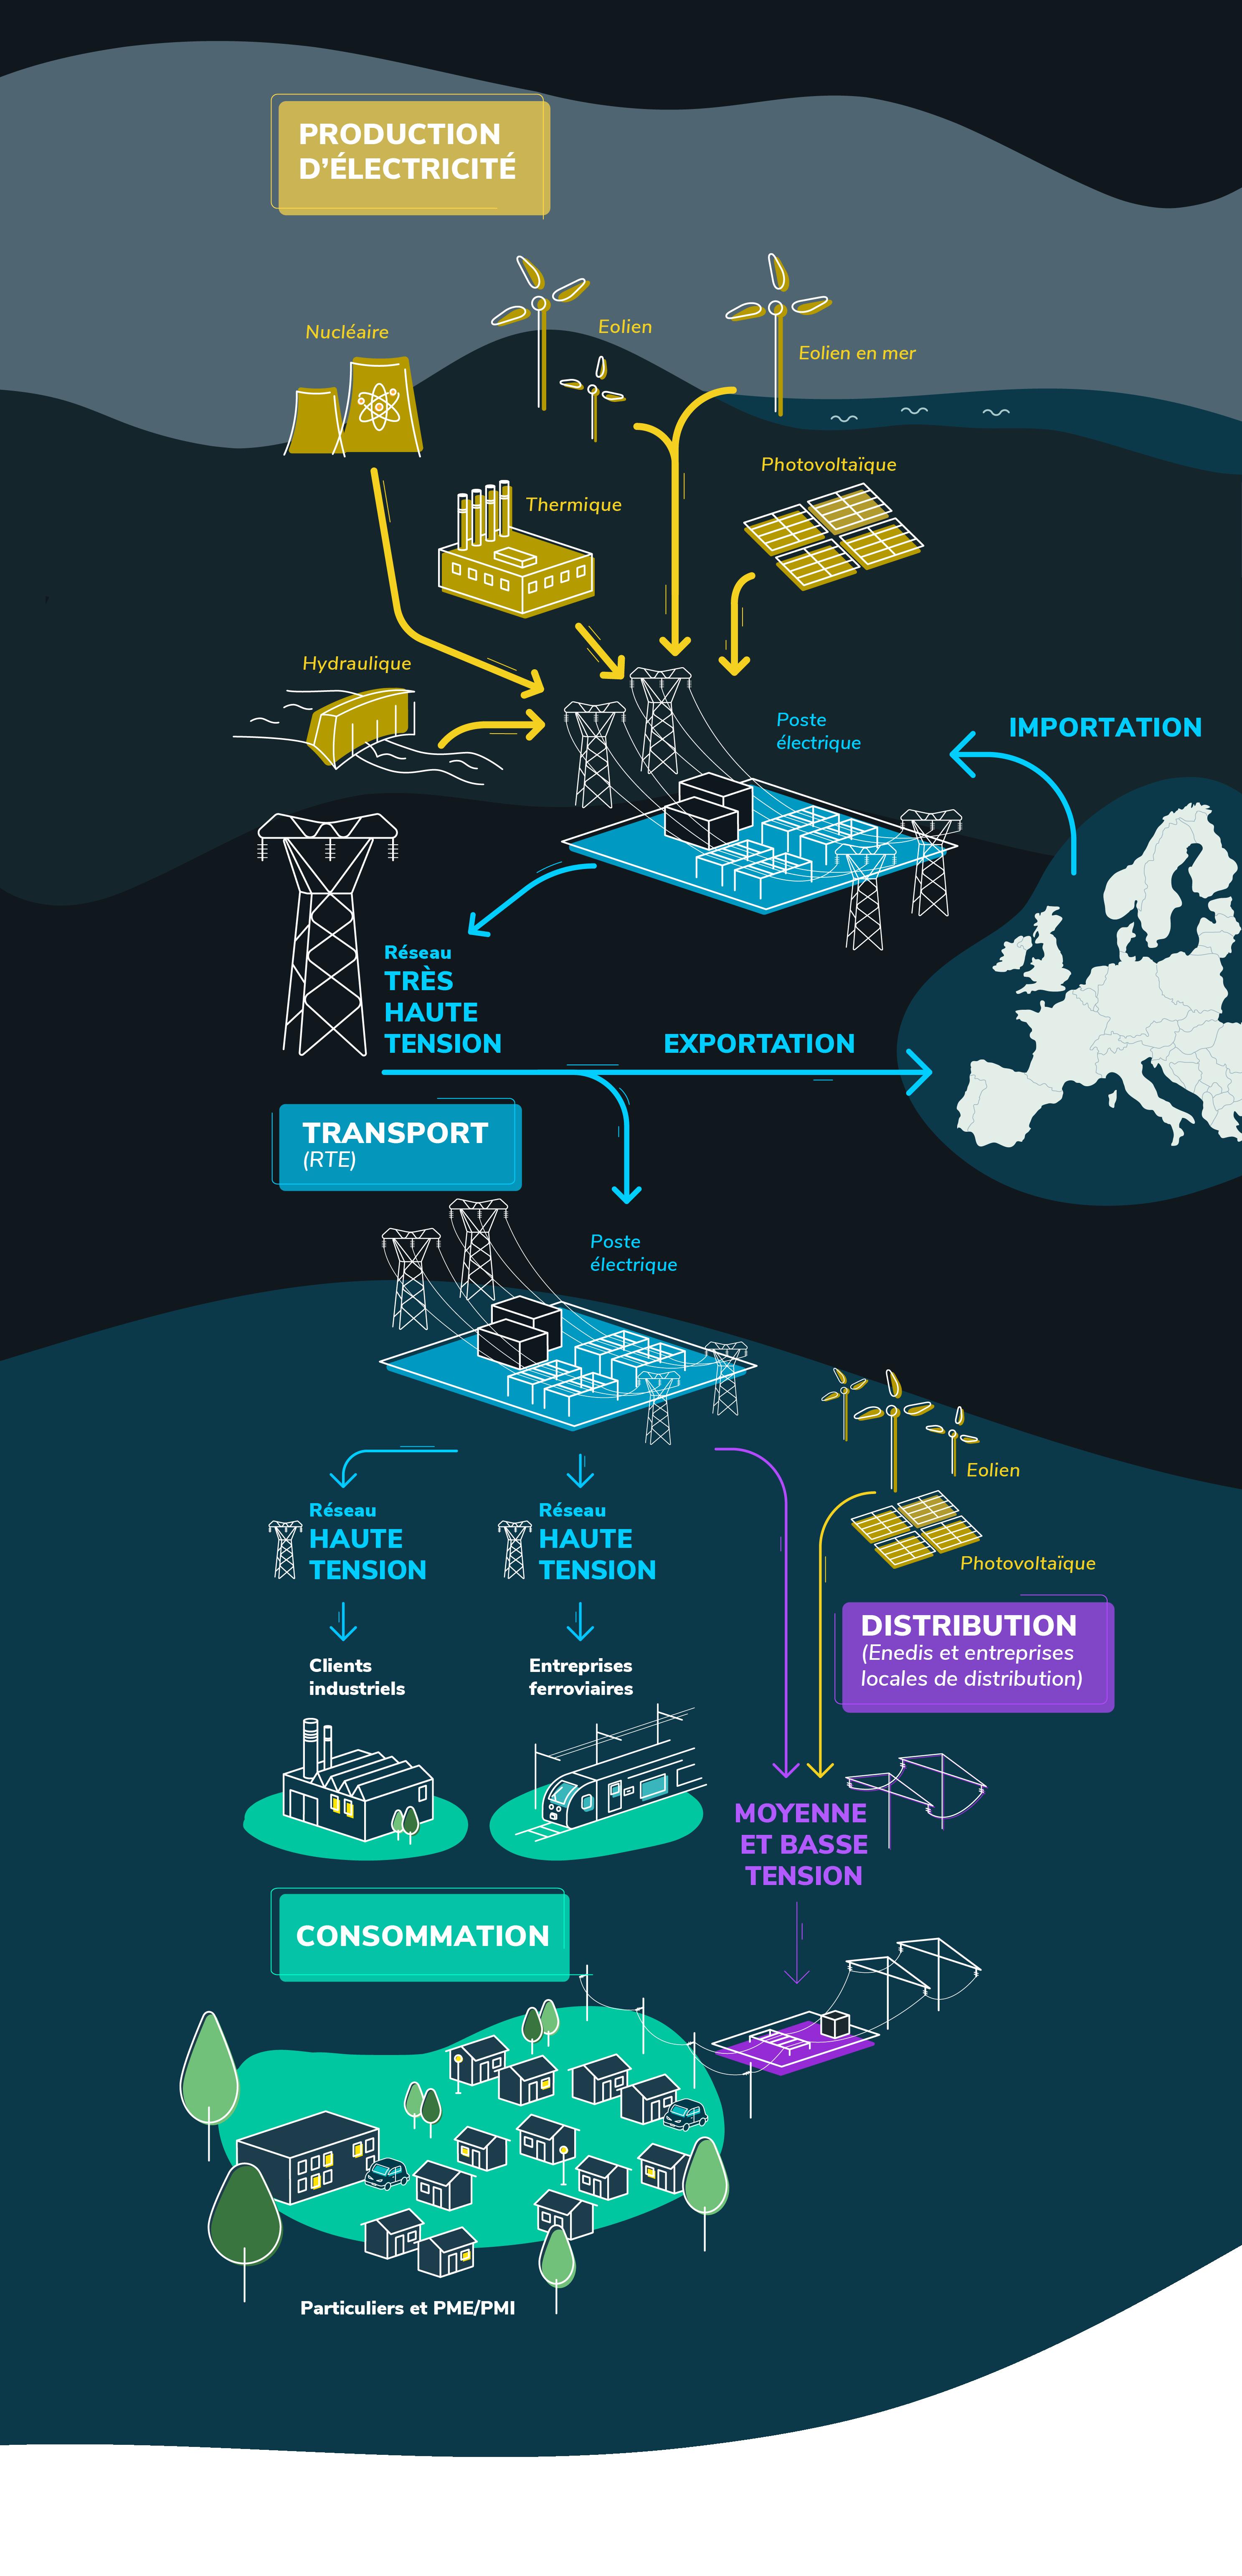 Les chemins de l'électricité